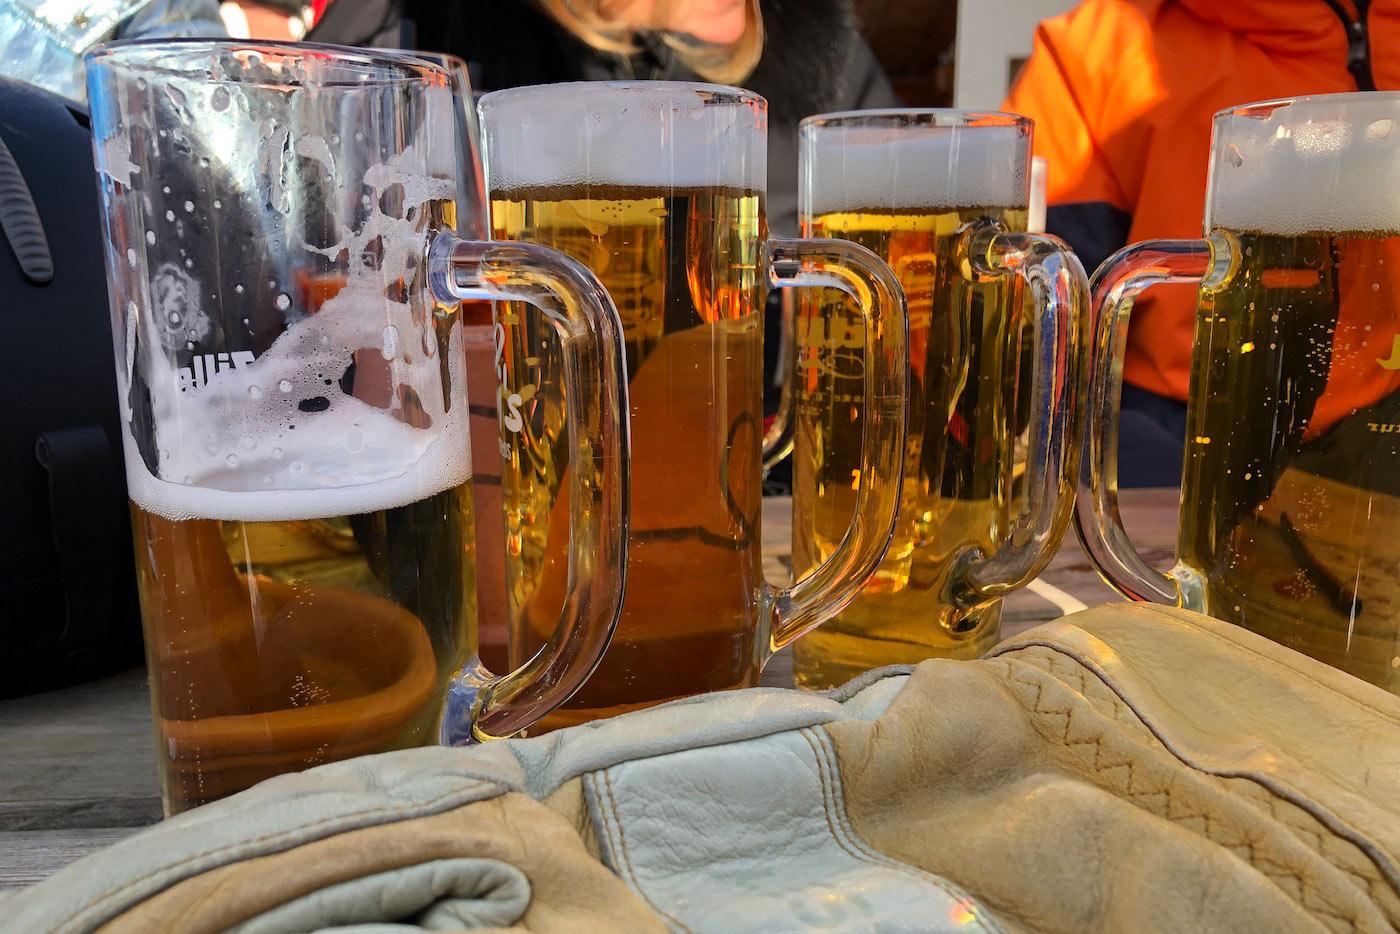 bier in de apres ski